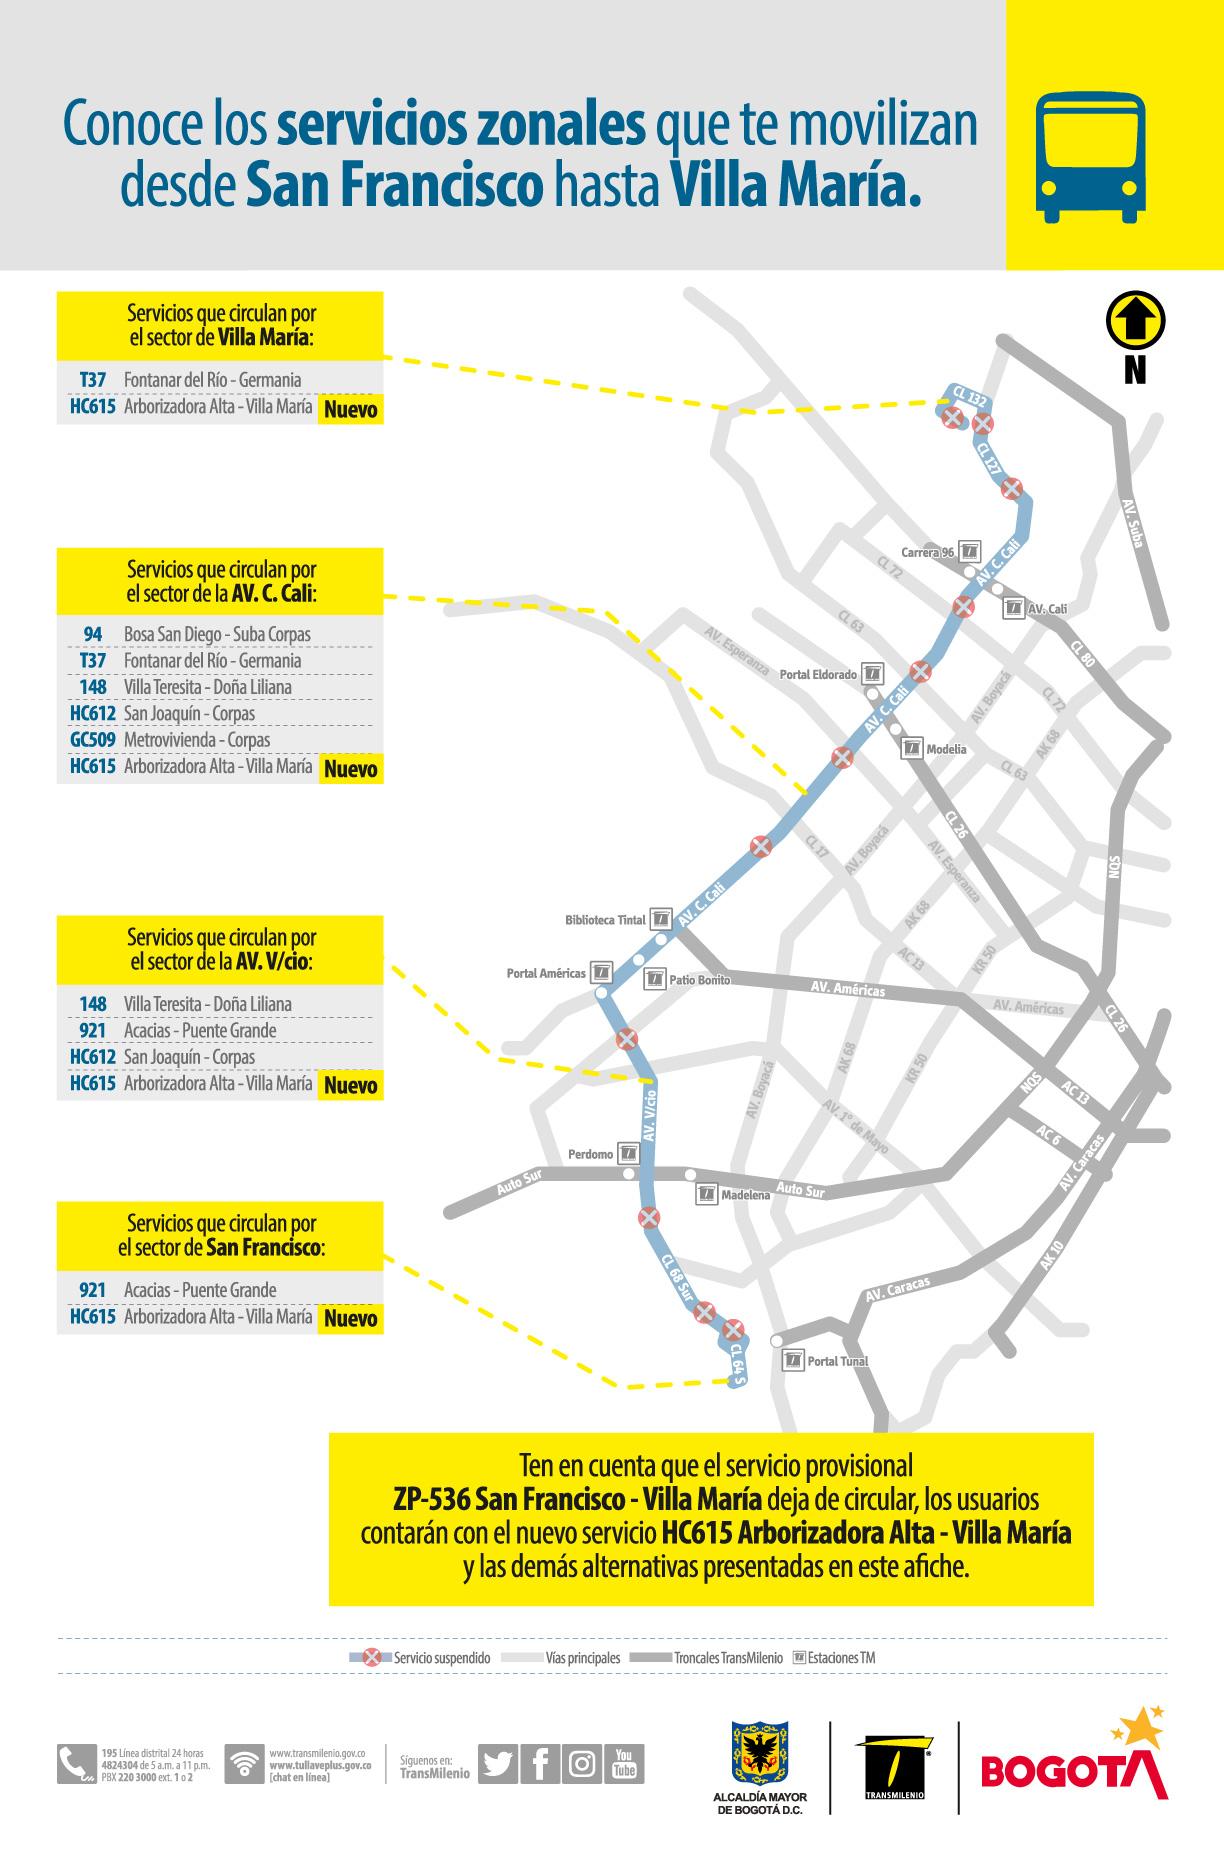 Servicios zonales que te movilizan desde San Francisco hasta Villa María